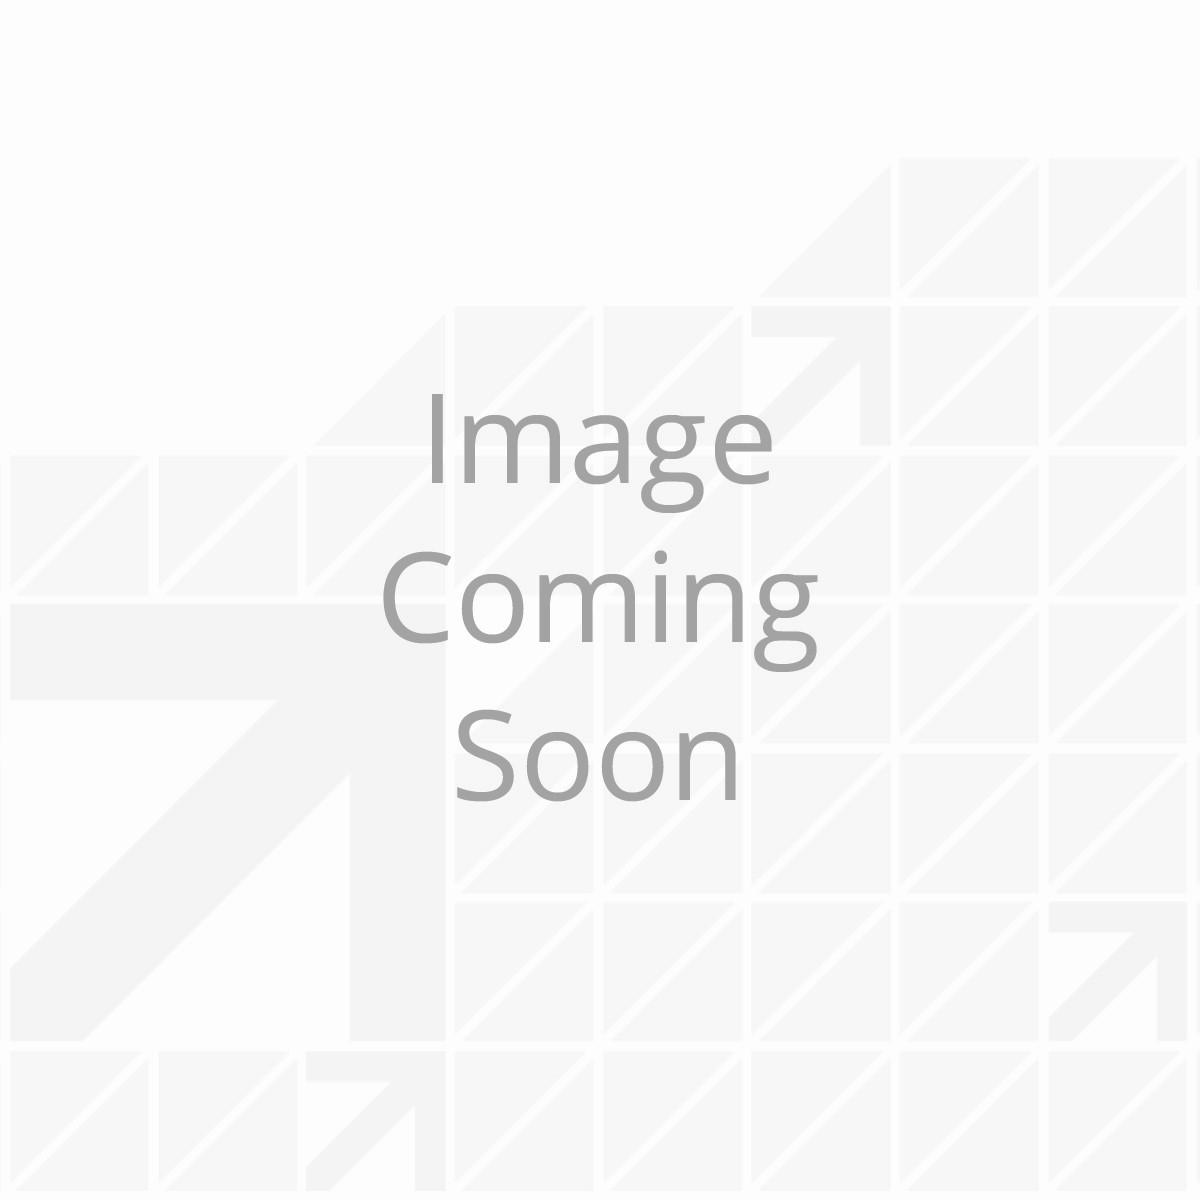 382791_-_backup_monitor_-_001